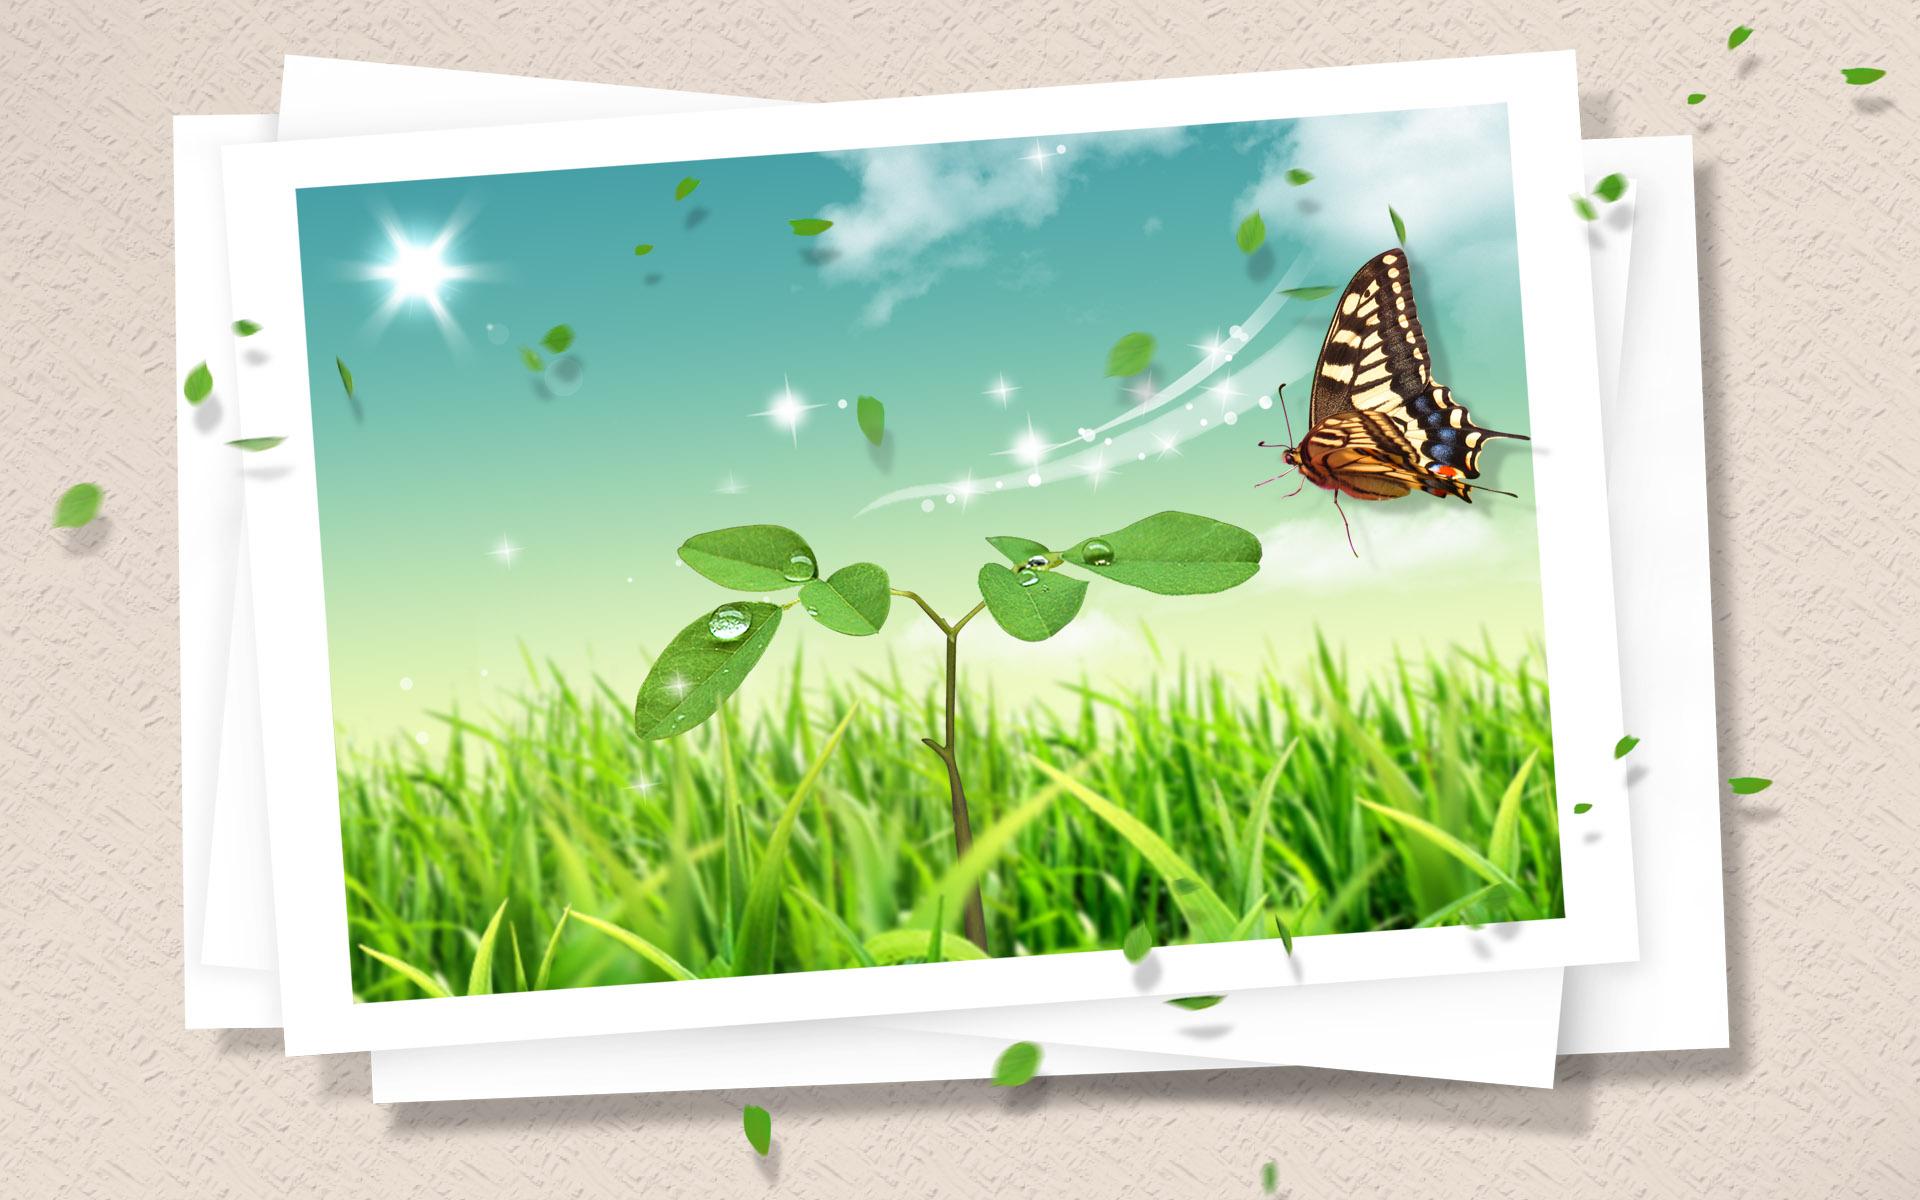 09年2月艺术合成月历 壁纸 桌面壁纸 www.deskcar.com 专业桌面壁纸下载站, 多分辨率桌面壁纸, 宽屏壁纸